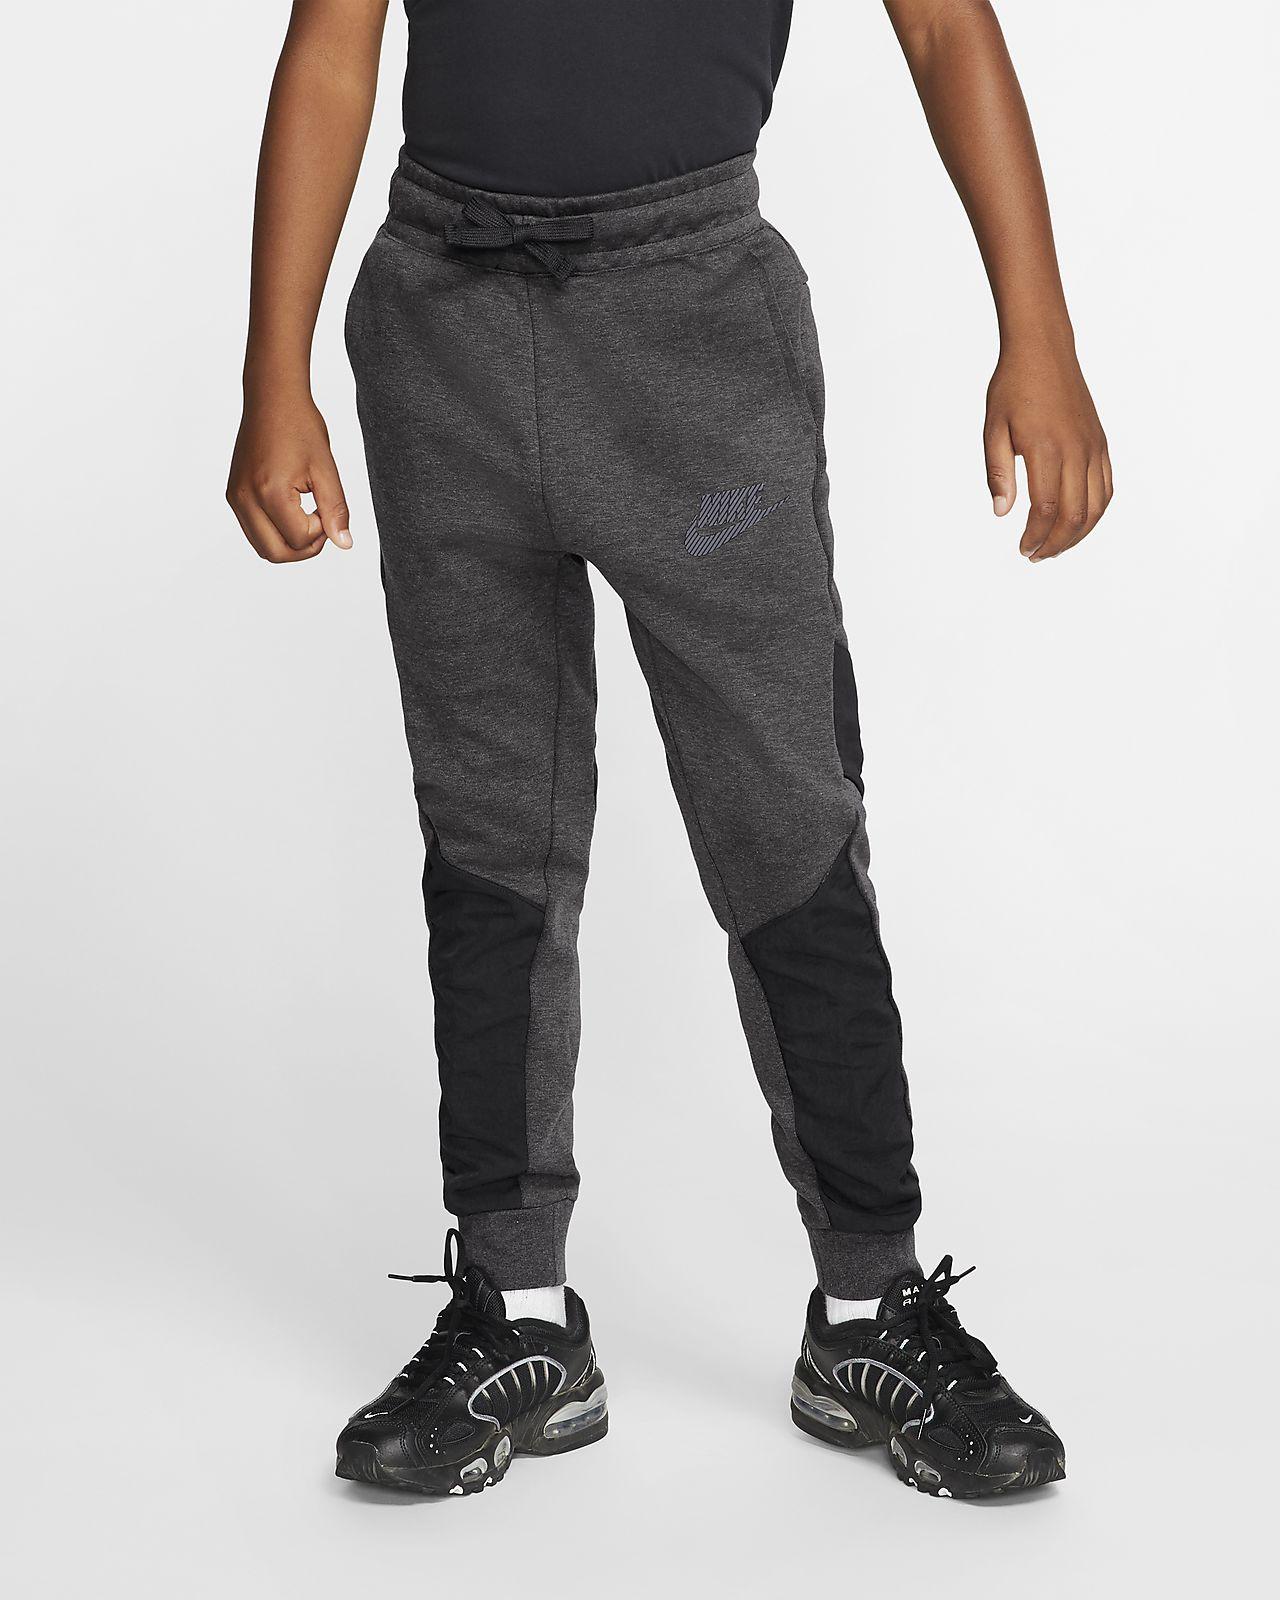 Nike Sportswear Winterized Tech Fleece Hose für ältere Kinder (Jungen)